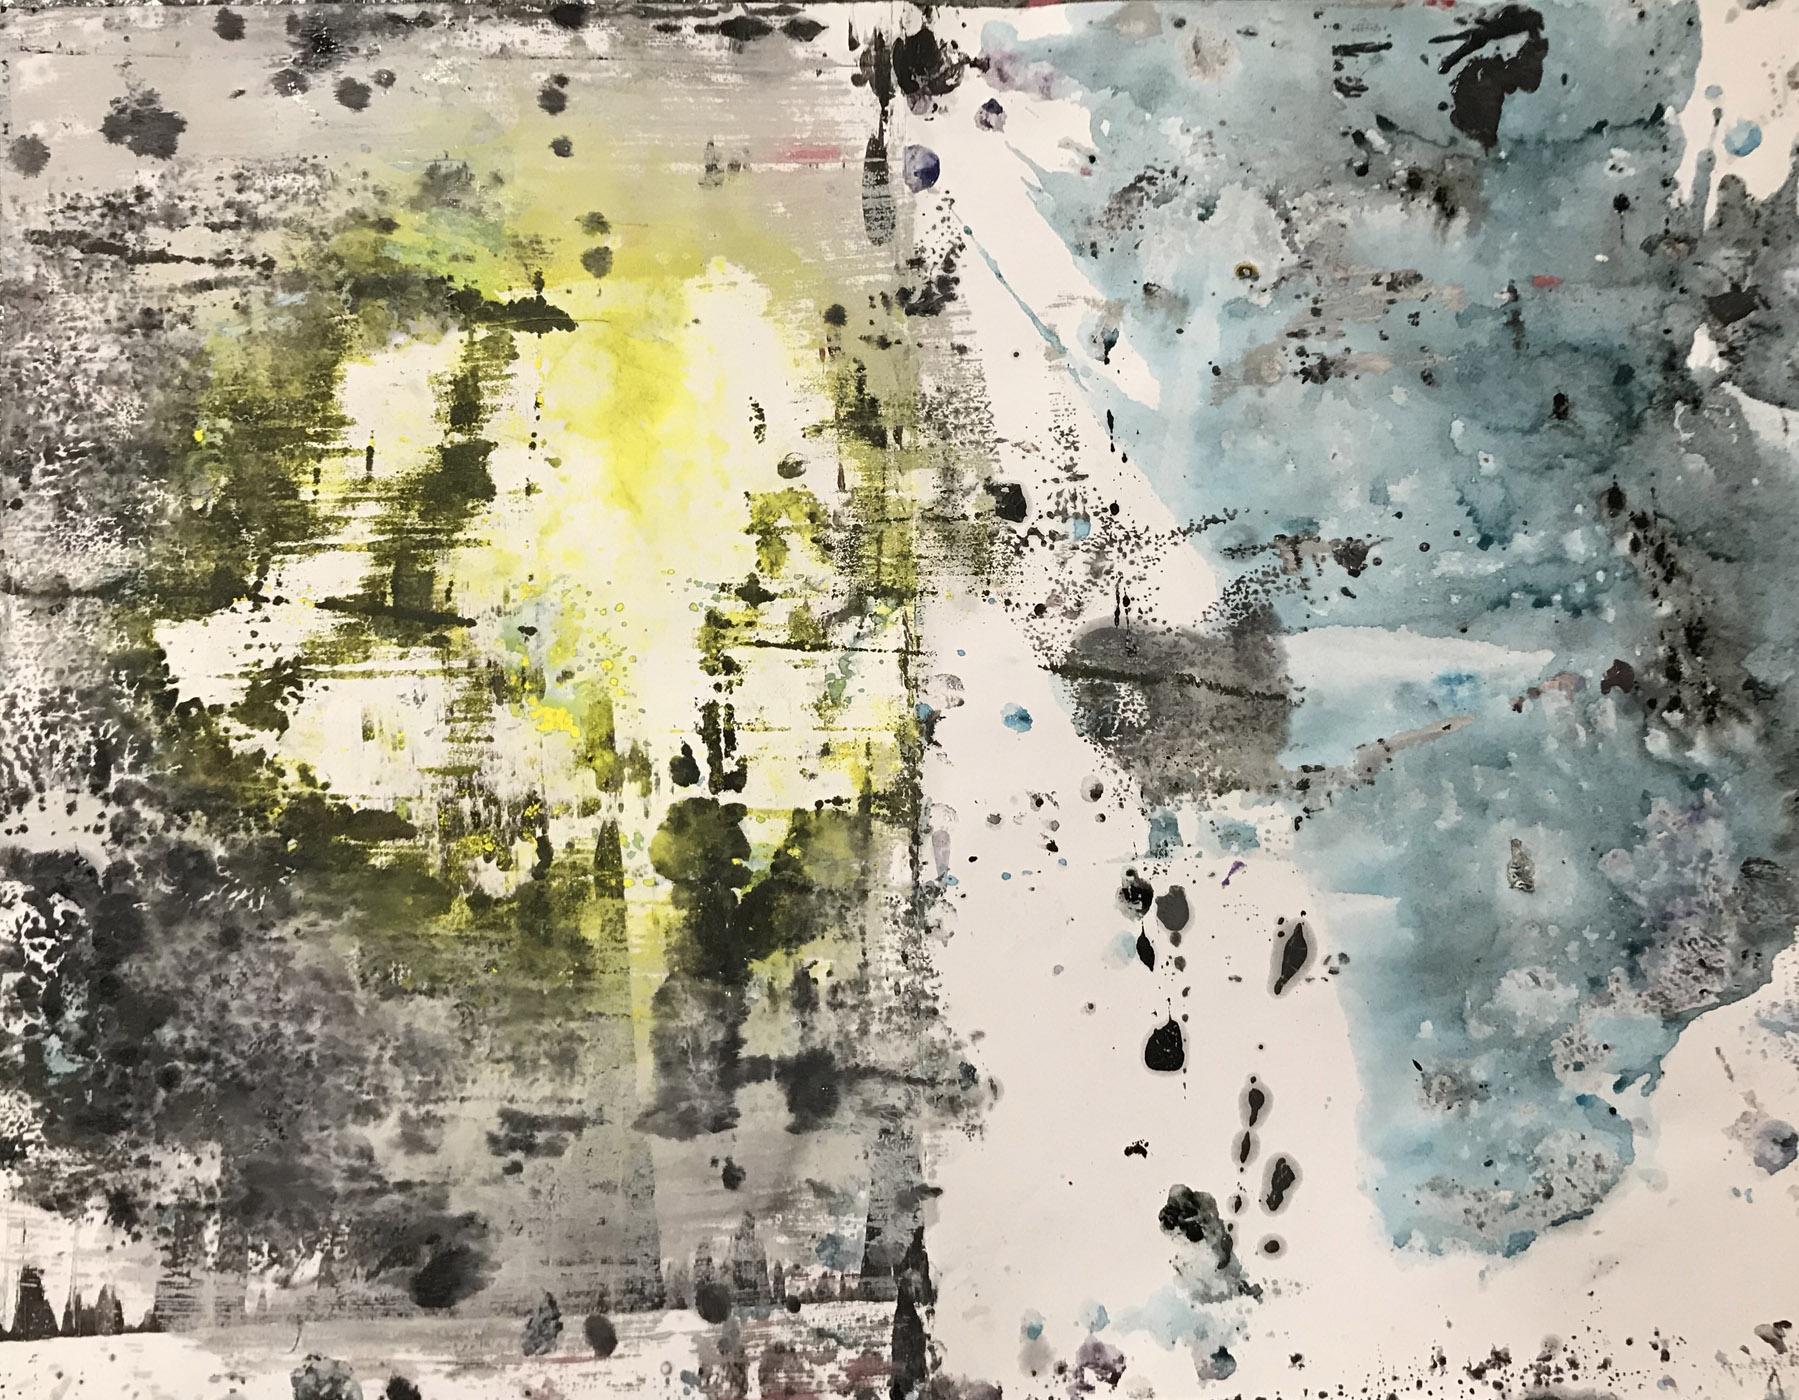 MARC FELD 2020 NON LIEU Huile, pigment et acrylique sur papier 50 x 65 cm